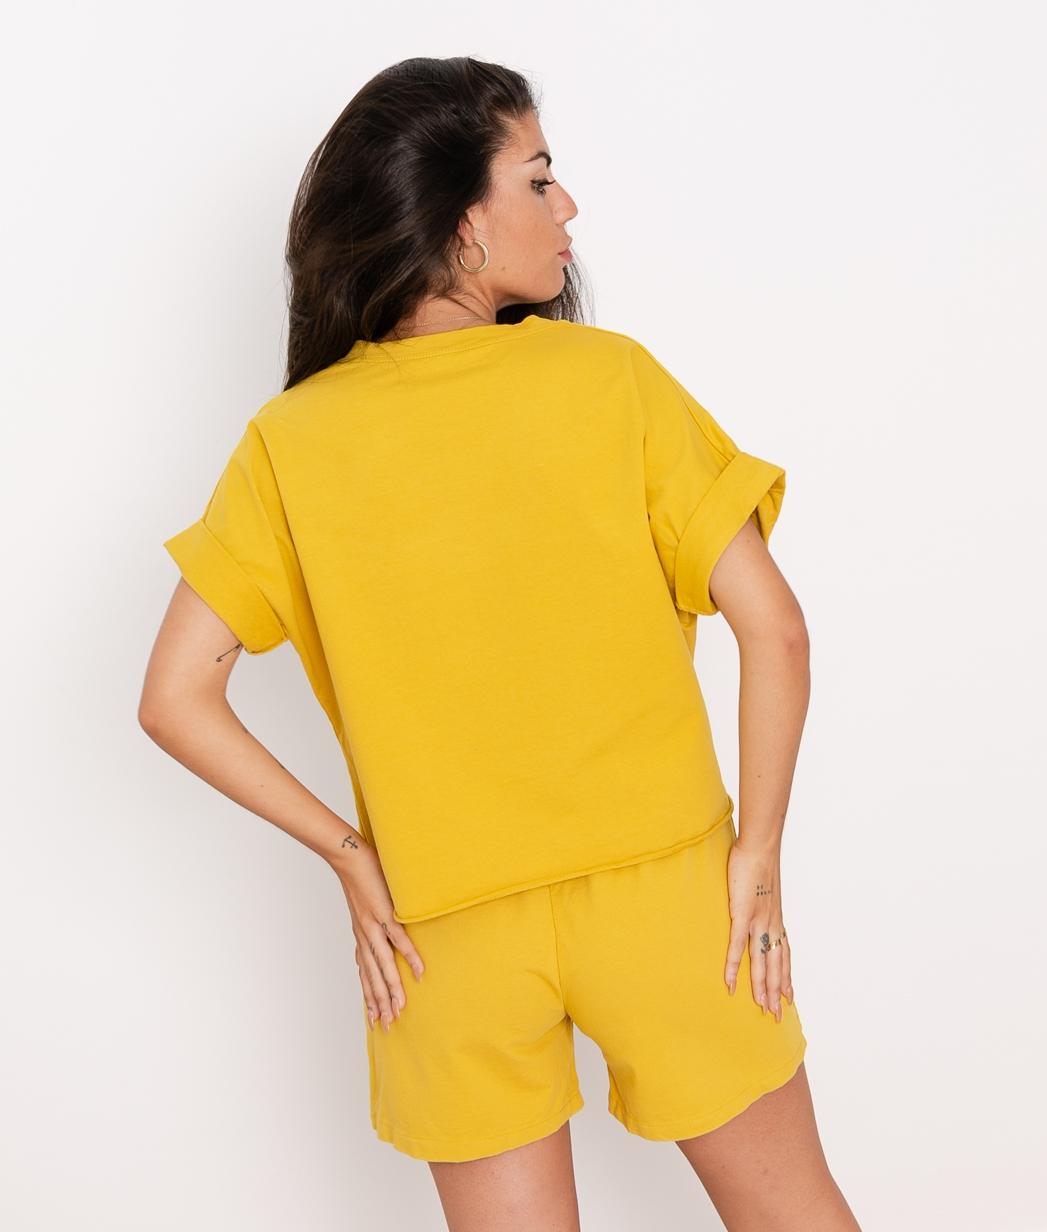 Camiseta Jere - Mostaza